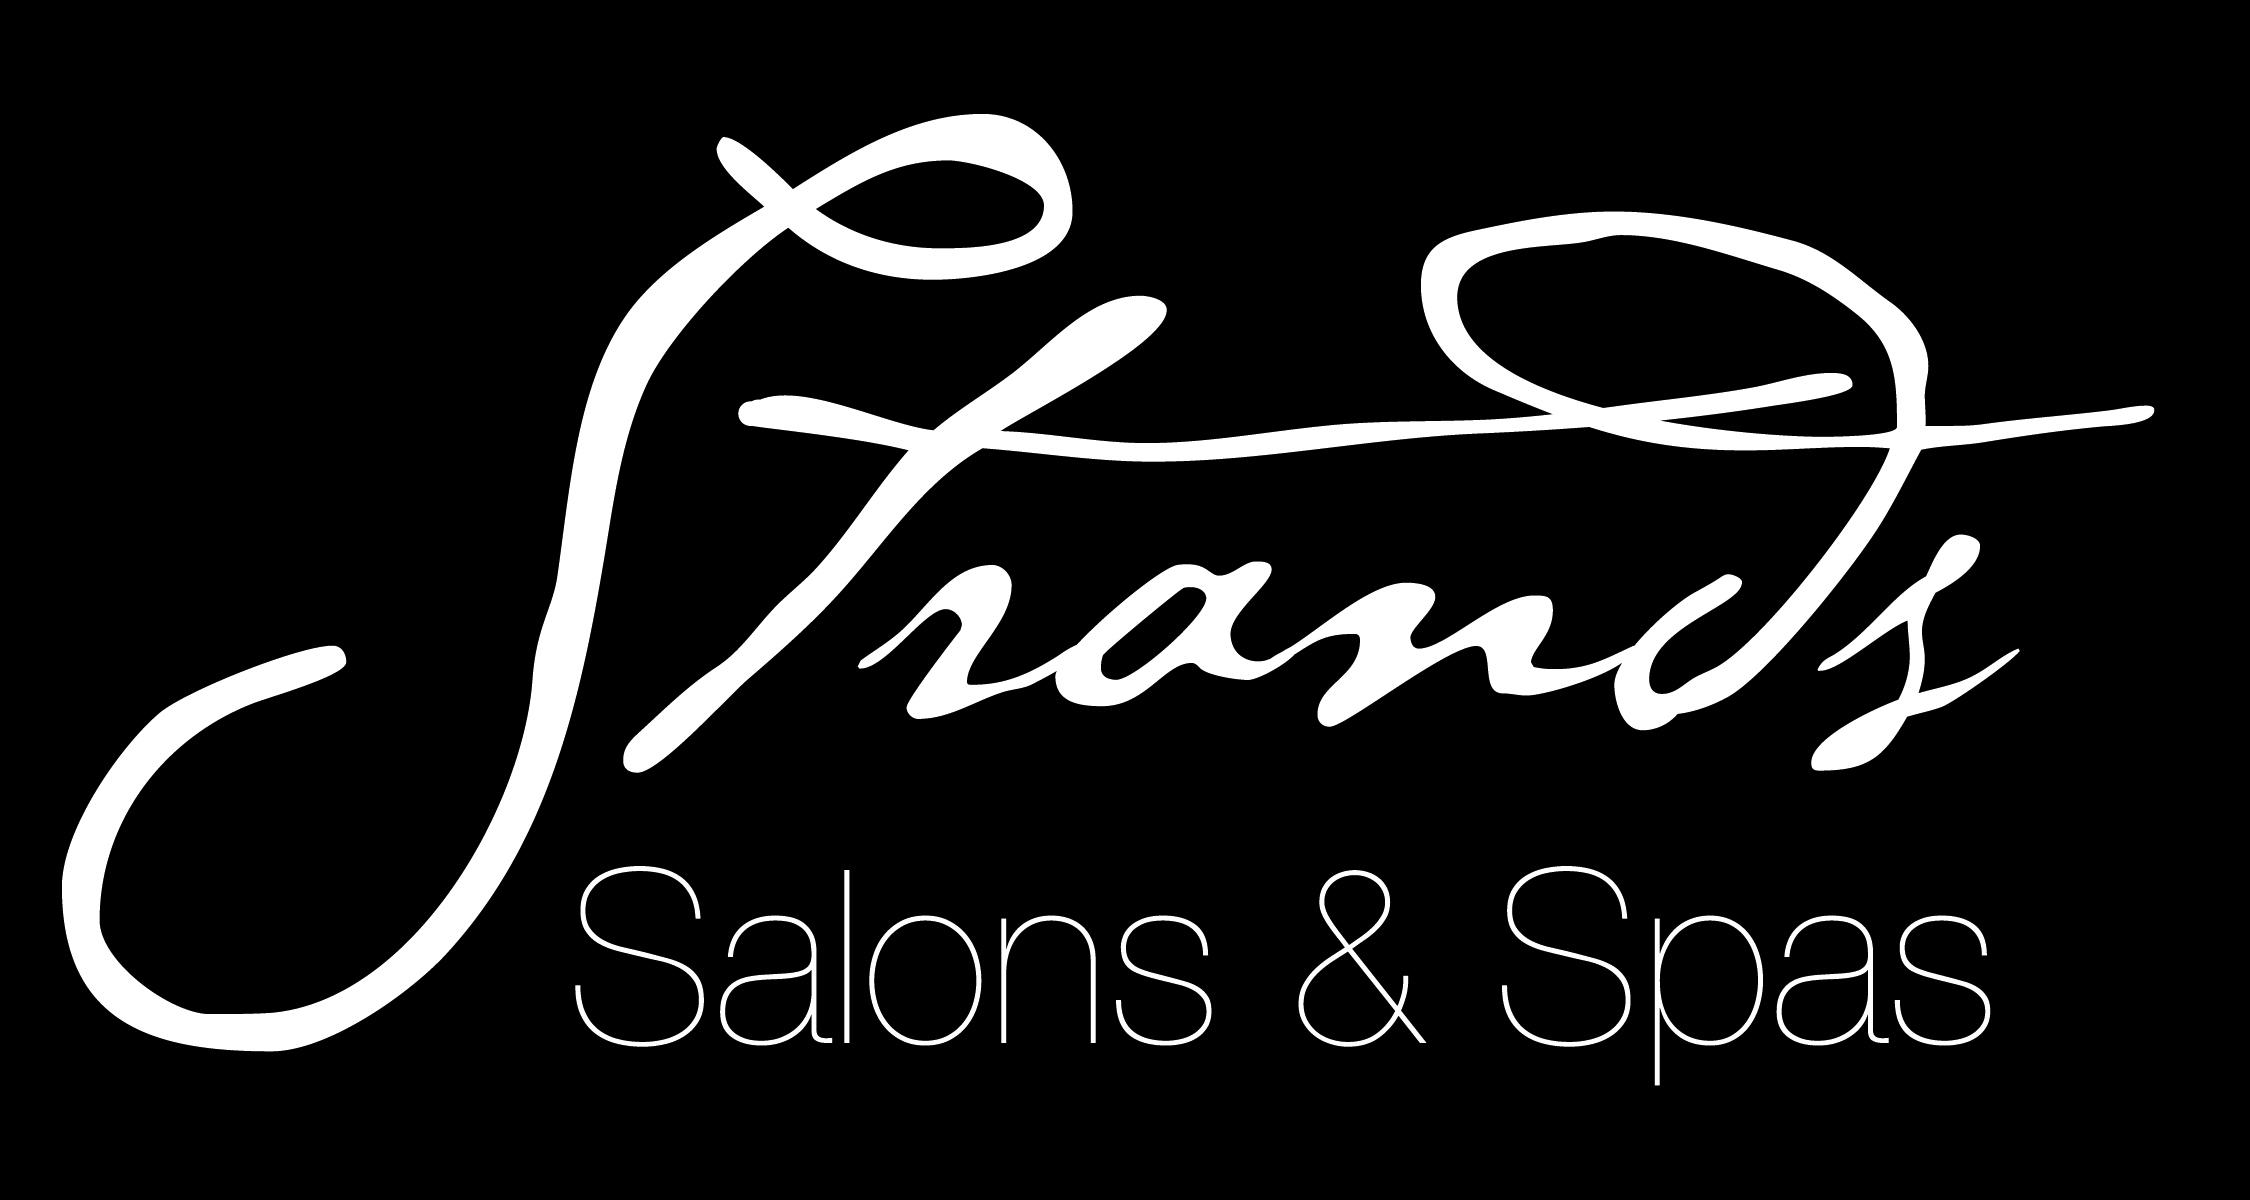 Best Aveda Hair Salon & Spa in Sacramento l Strands Aveda Salon & Spa